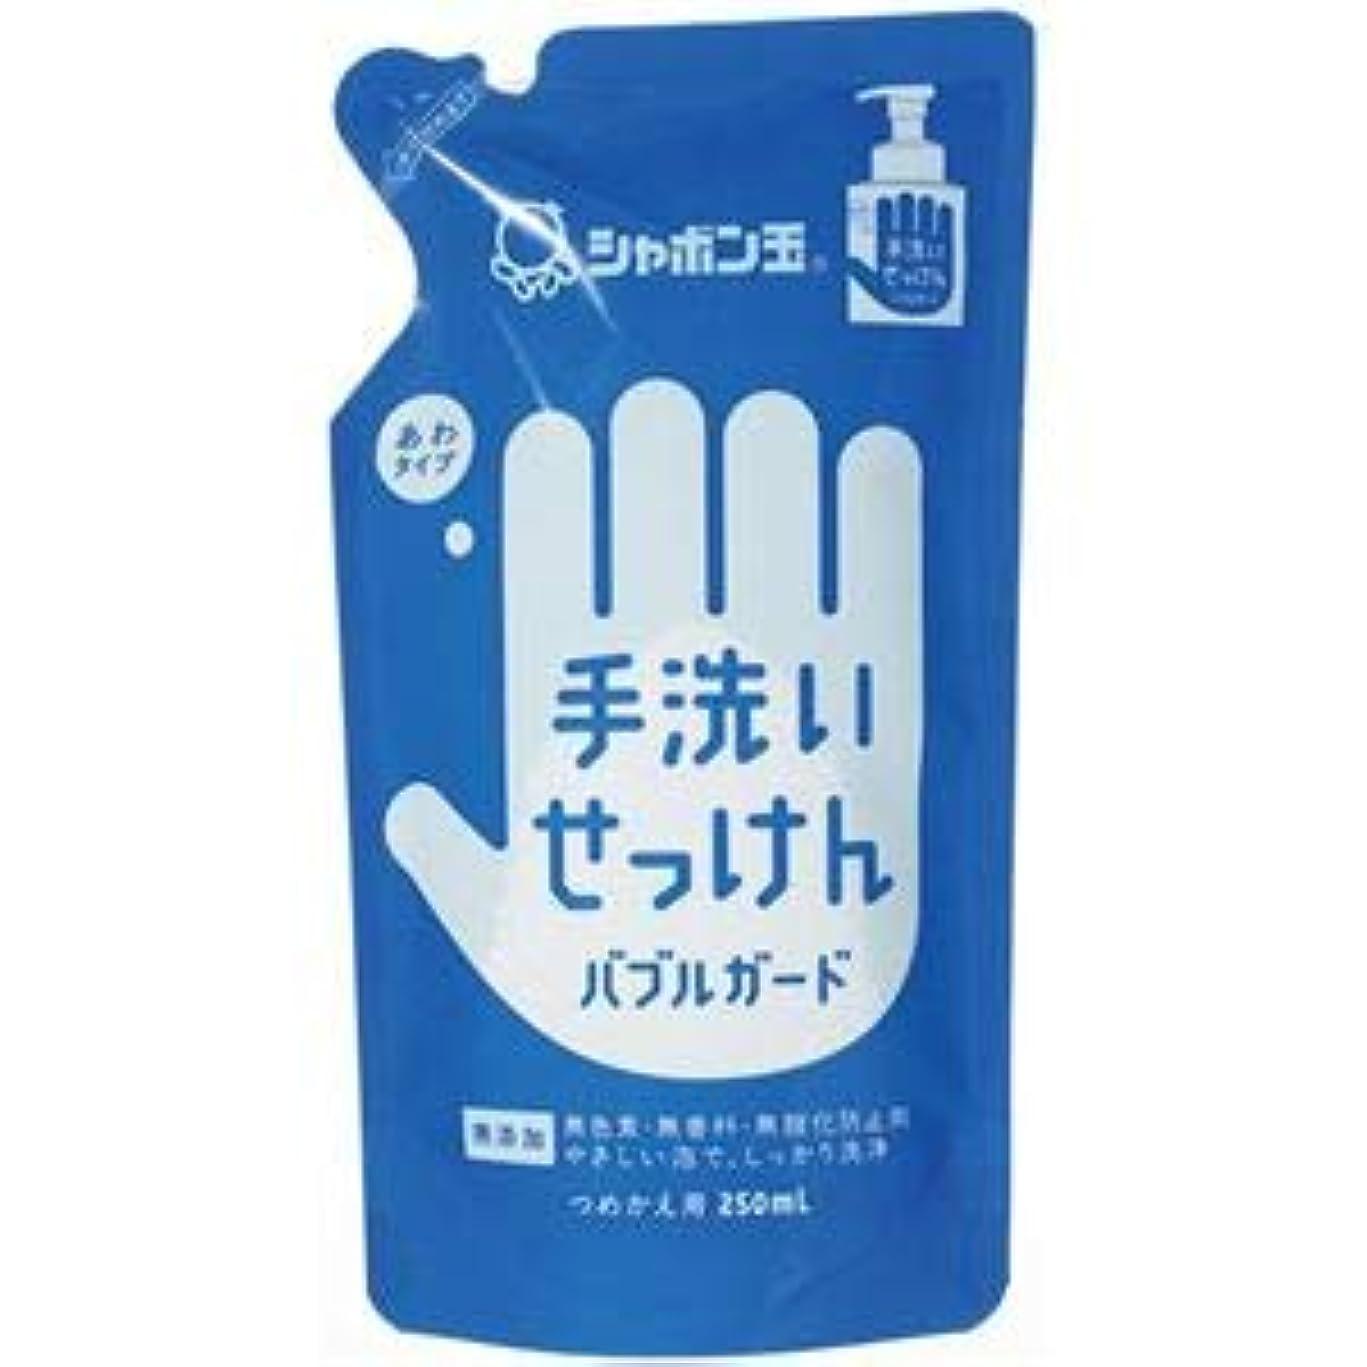 古代少数宝石(まとめ) シャボン玉石けん 手洗いせっけんバブルガード詰替用250ml【×10セット】